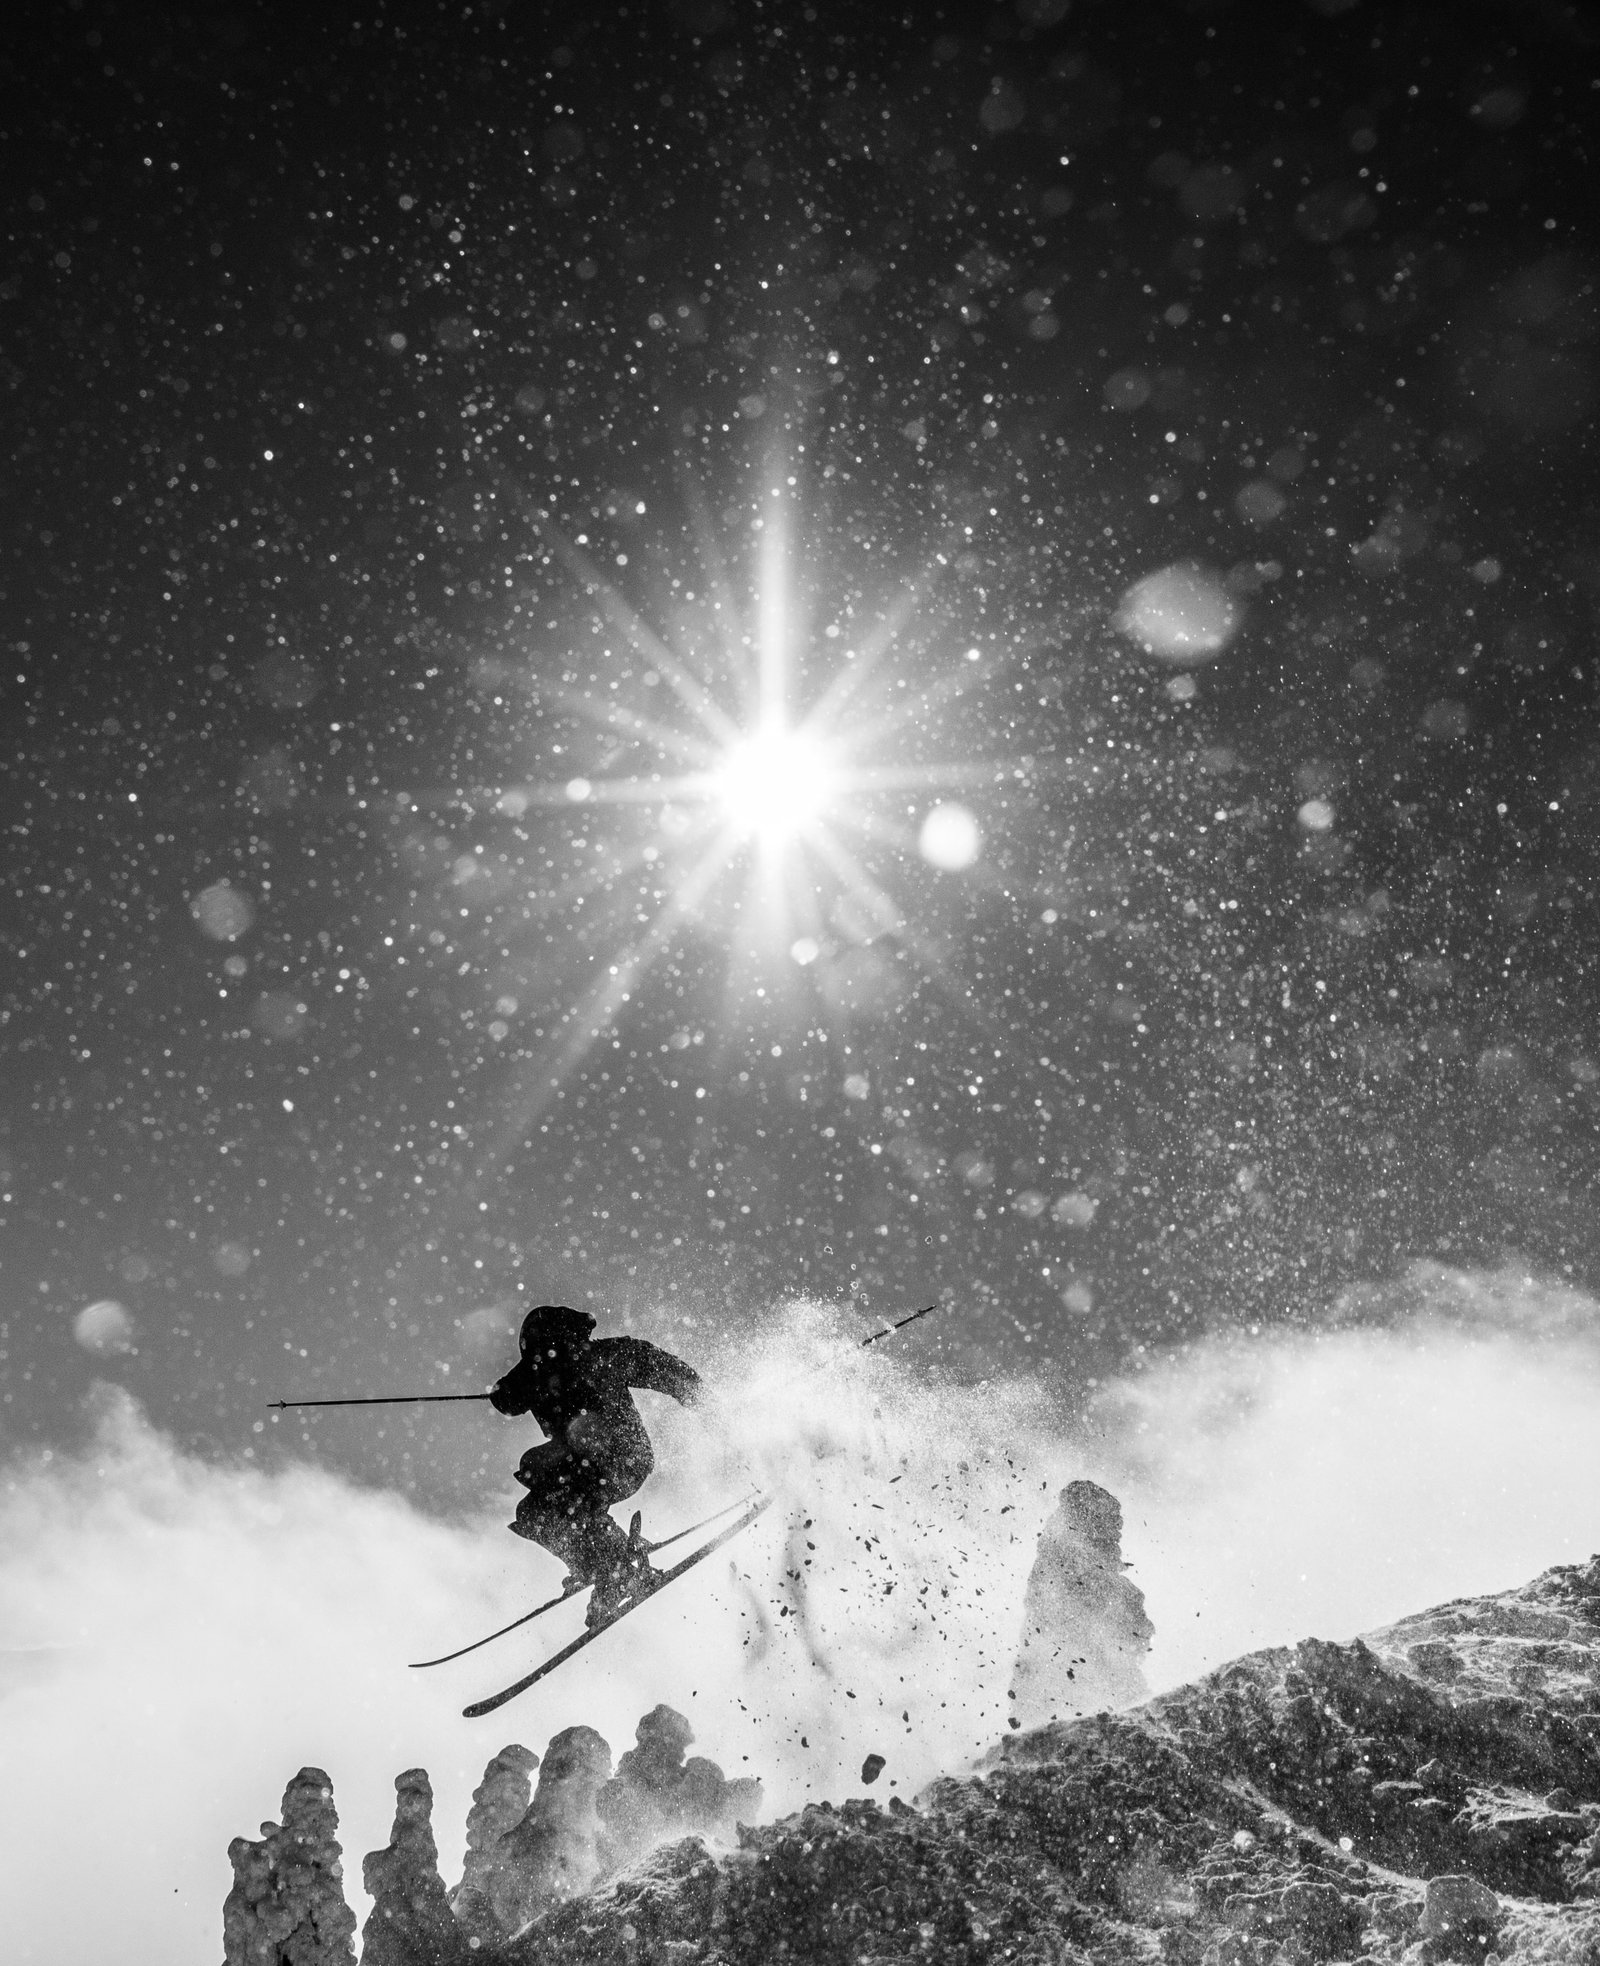 Bruh, dope ski stuff